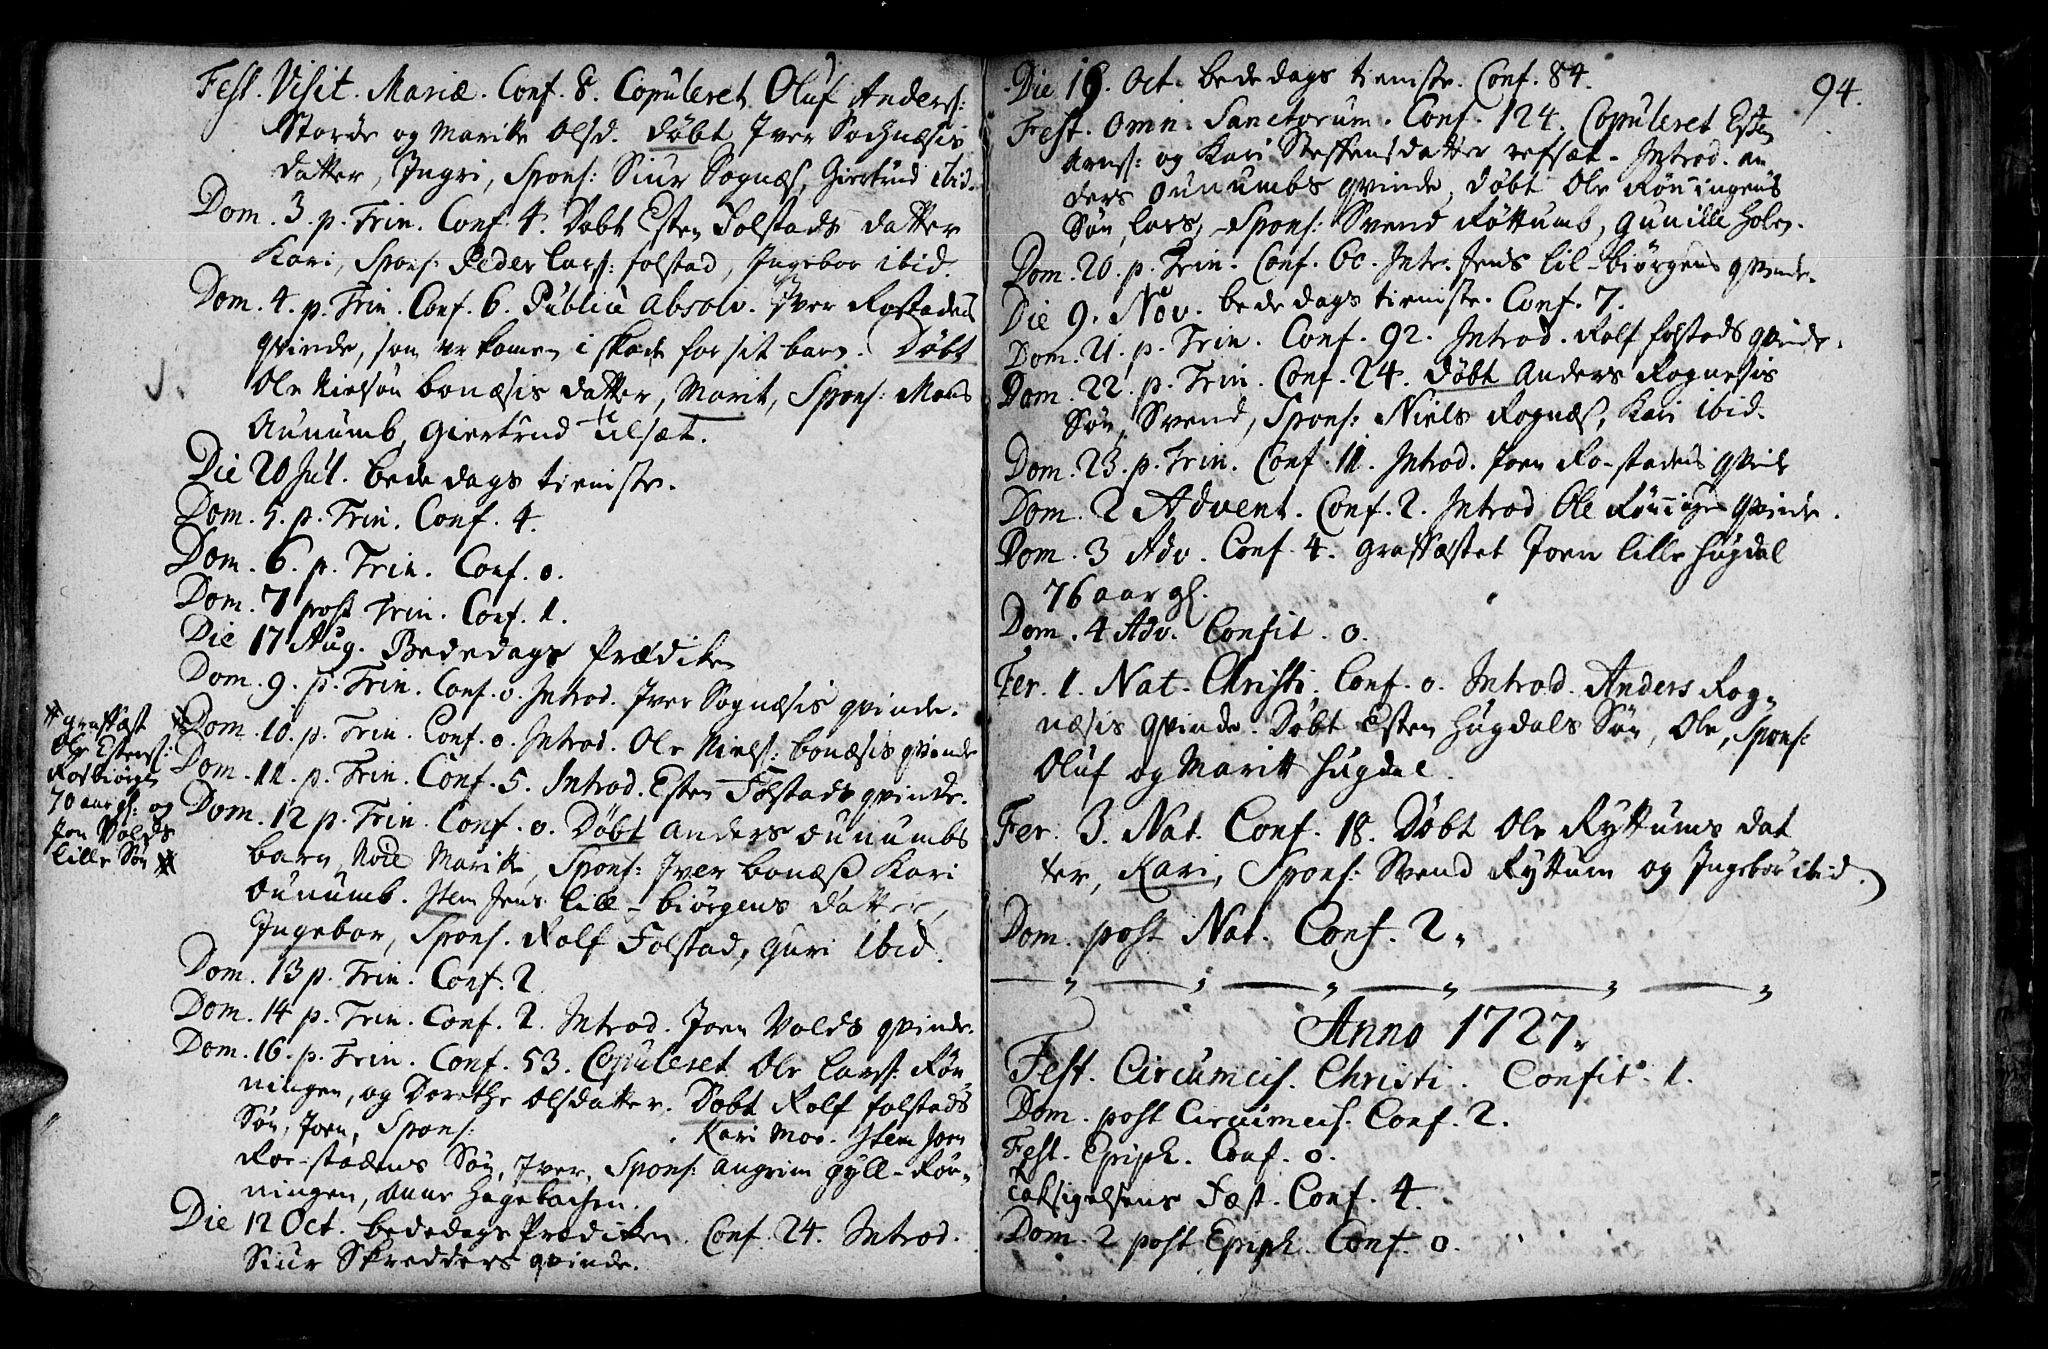 SAT, Ministerialprotokoller, klokkerbøker og fødselsregistre - Sør-Trøndelag, 687/L0990: Ministerialbok nr. 687A01, 1690-1746, s. 94